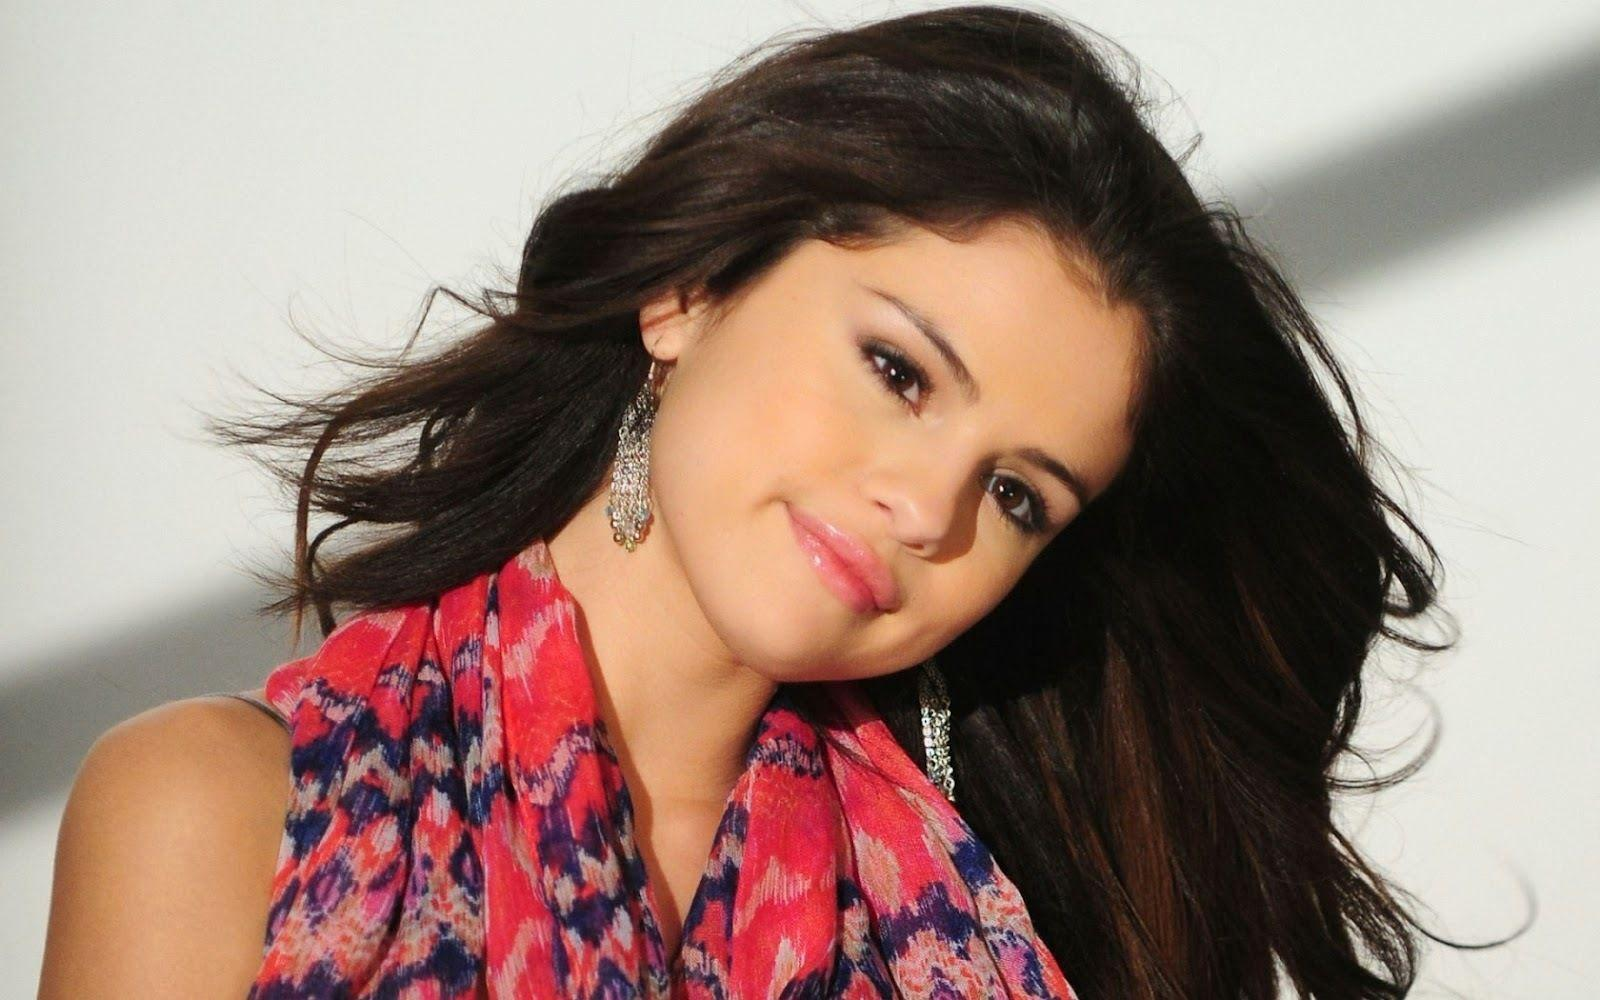 Selena Gomez HD Wallpapers 2017 - Wallpaper Cave